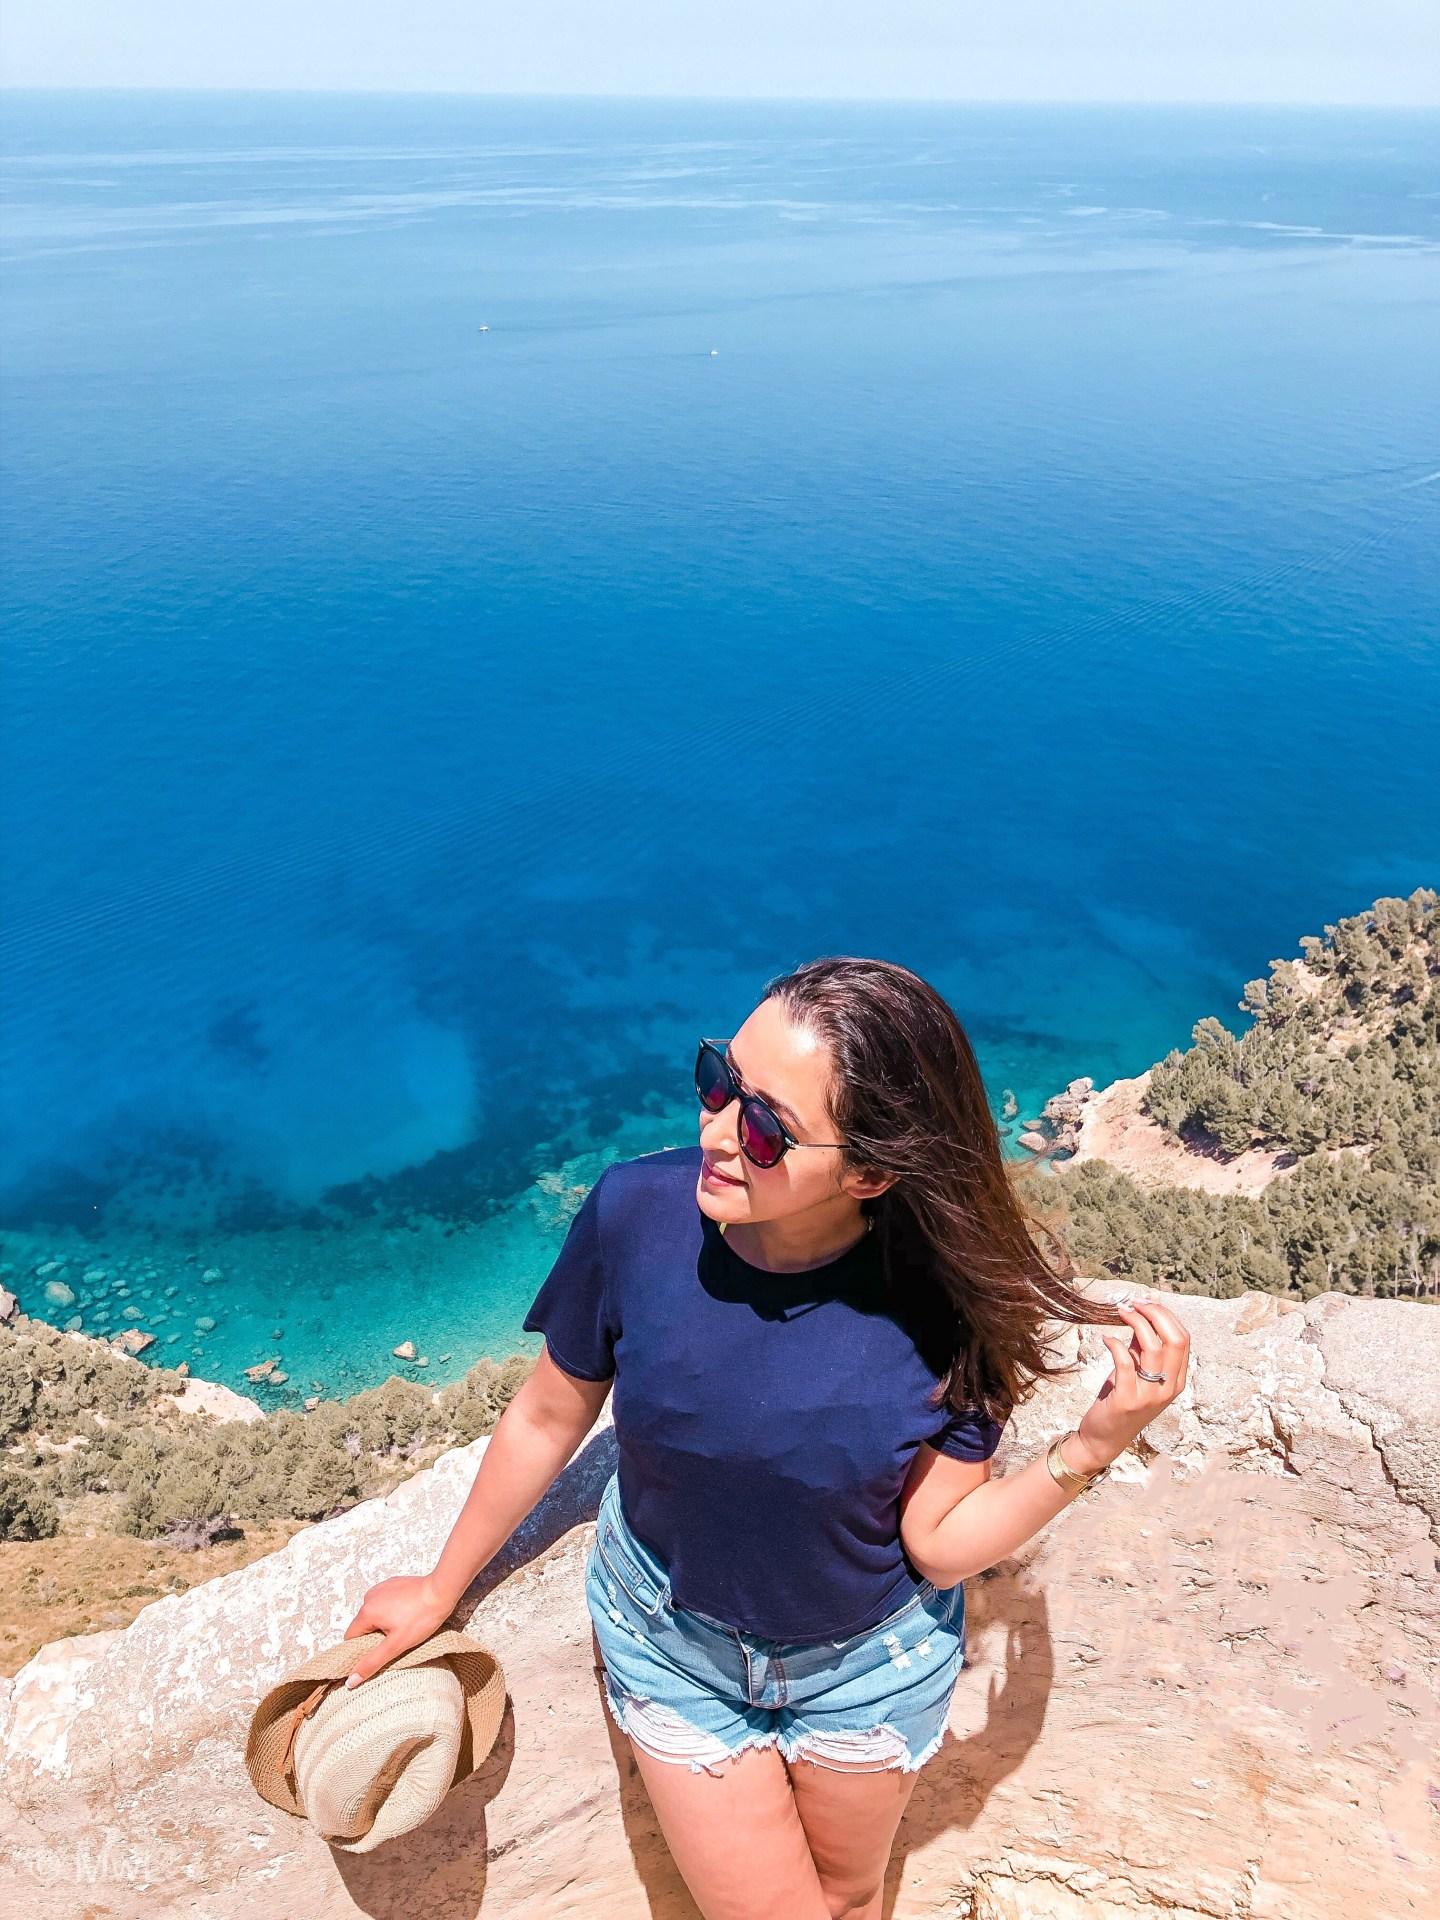 Carnet de voyage ★ Une semaine à Majorque : conseils et bonnes adresses